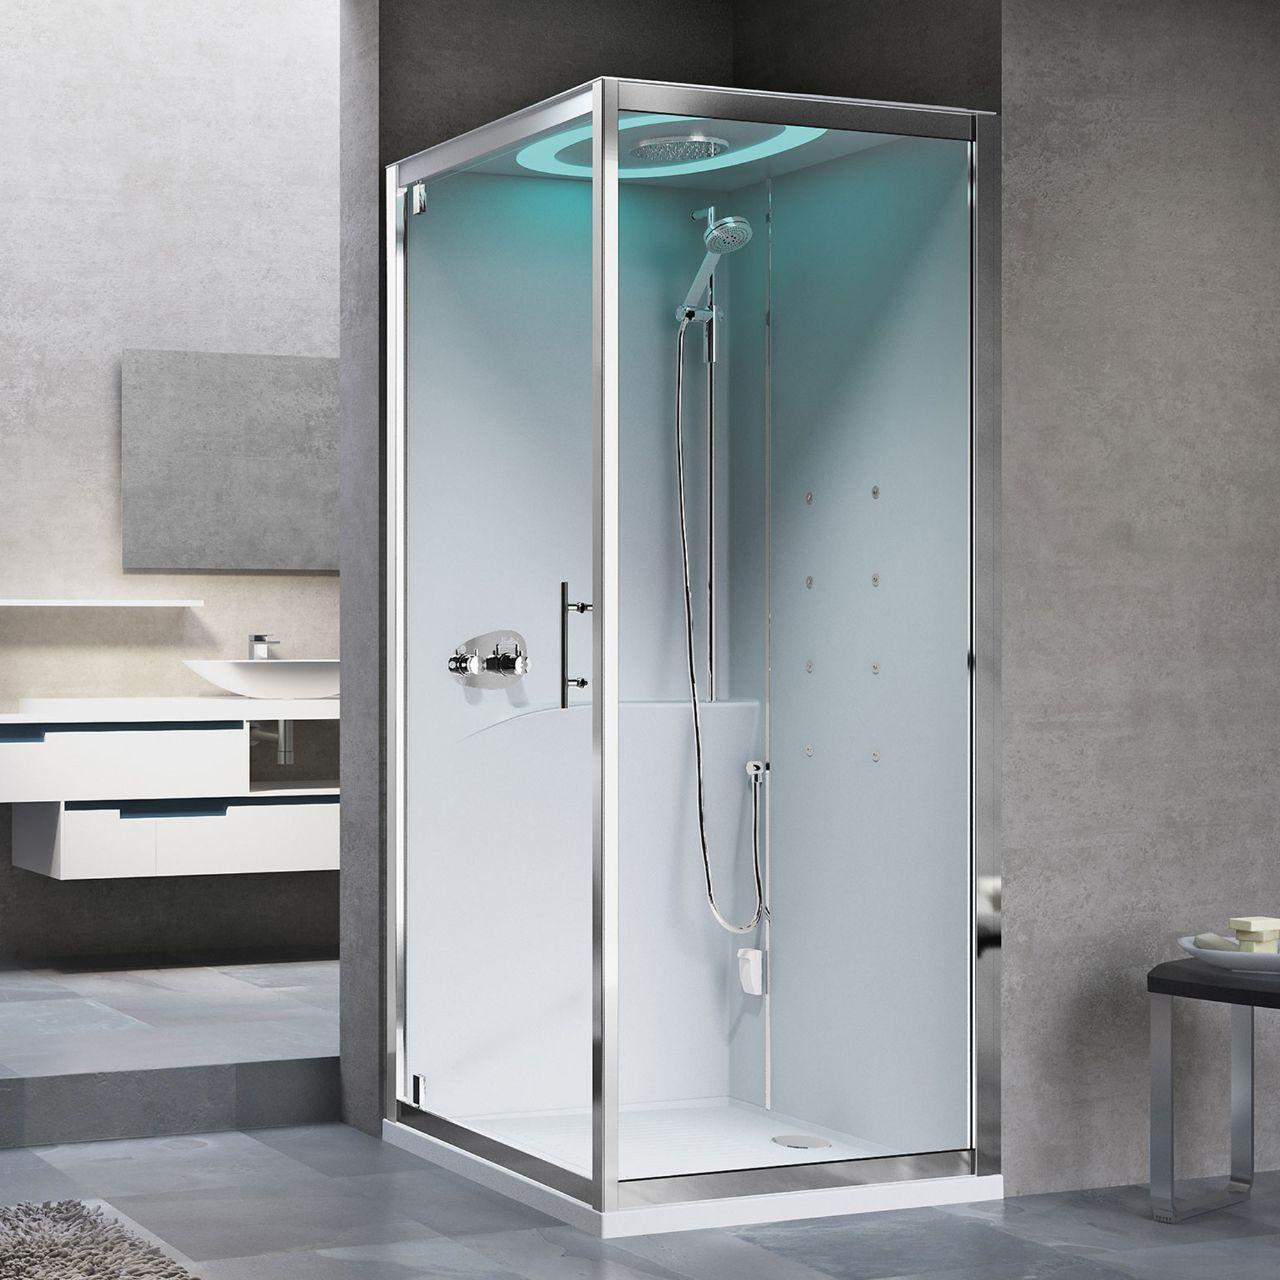 Cabinas de ducha novellini - Cabinas de ducha ...